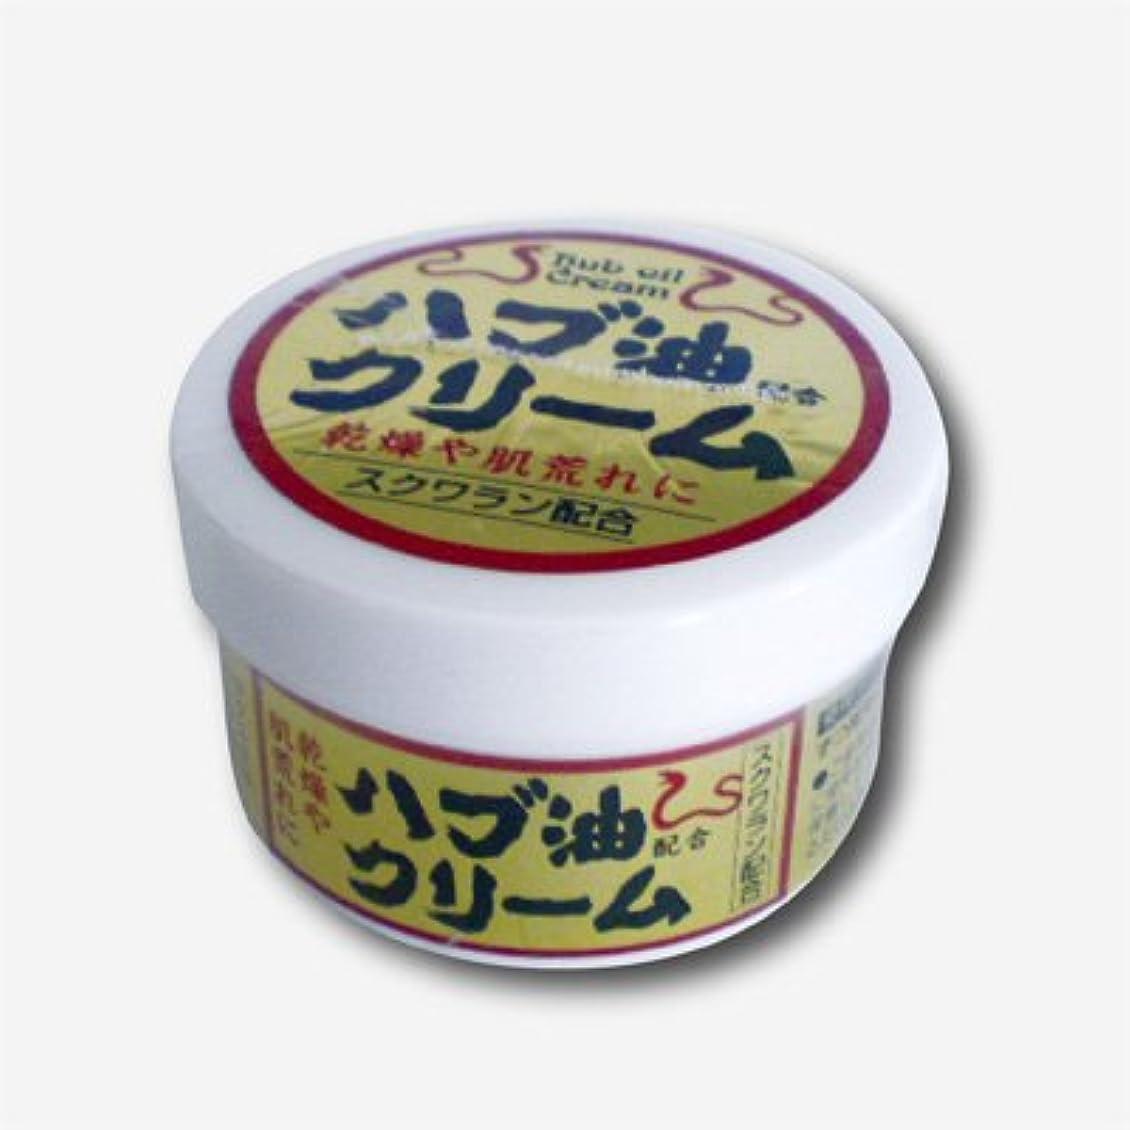 発疹剣マングルハブ油配合クリーム 2個【1個?50g】